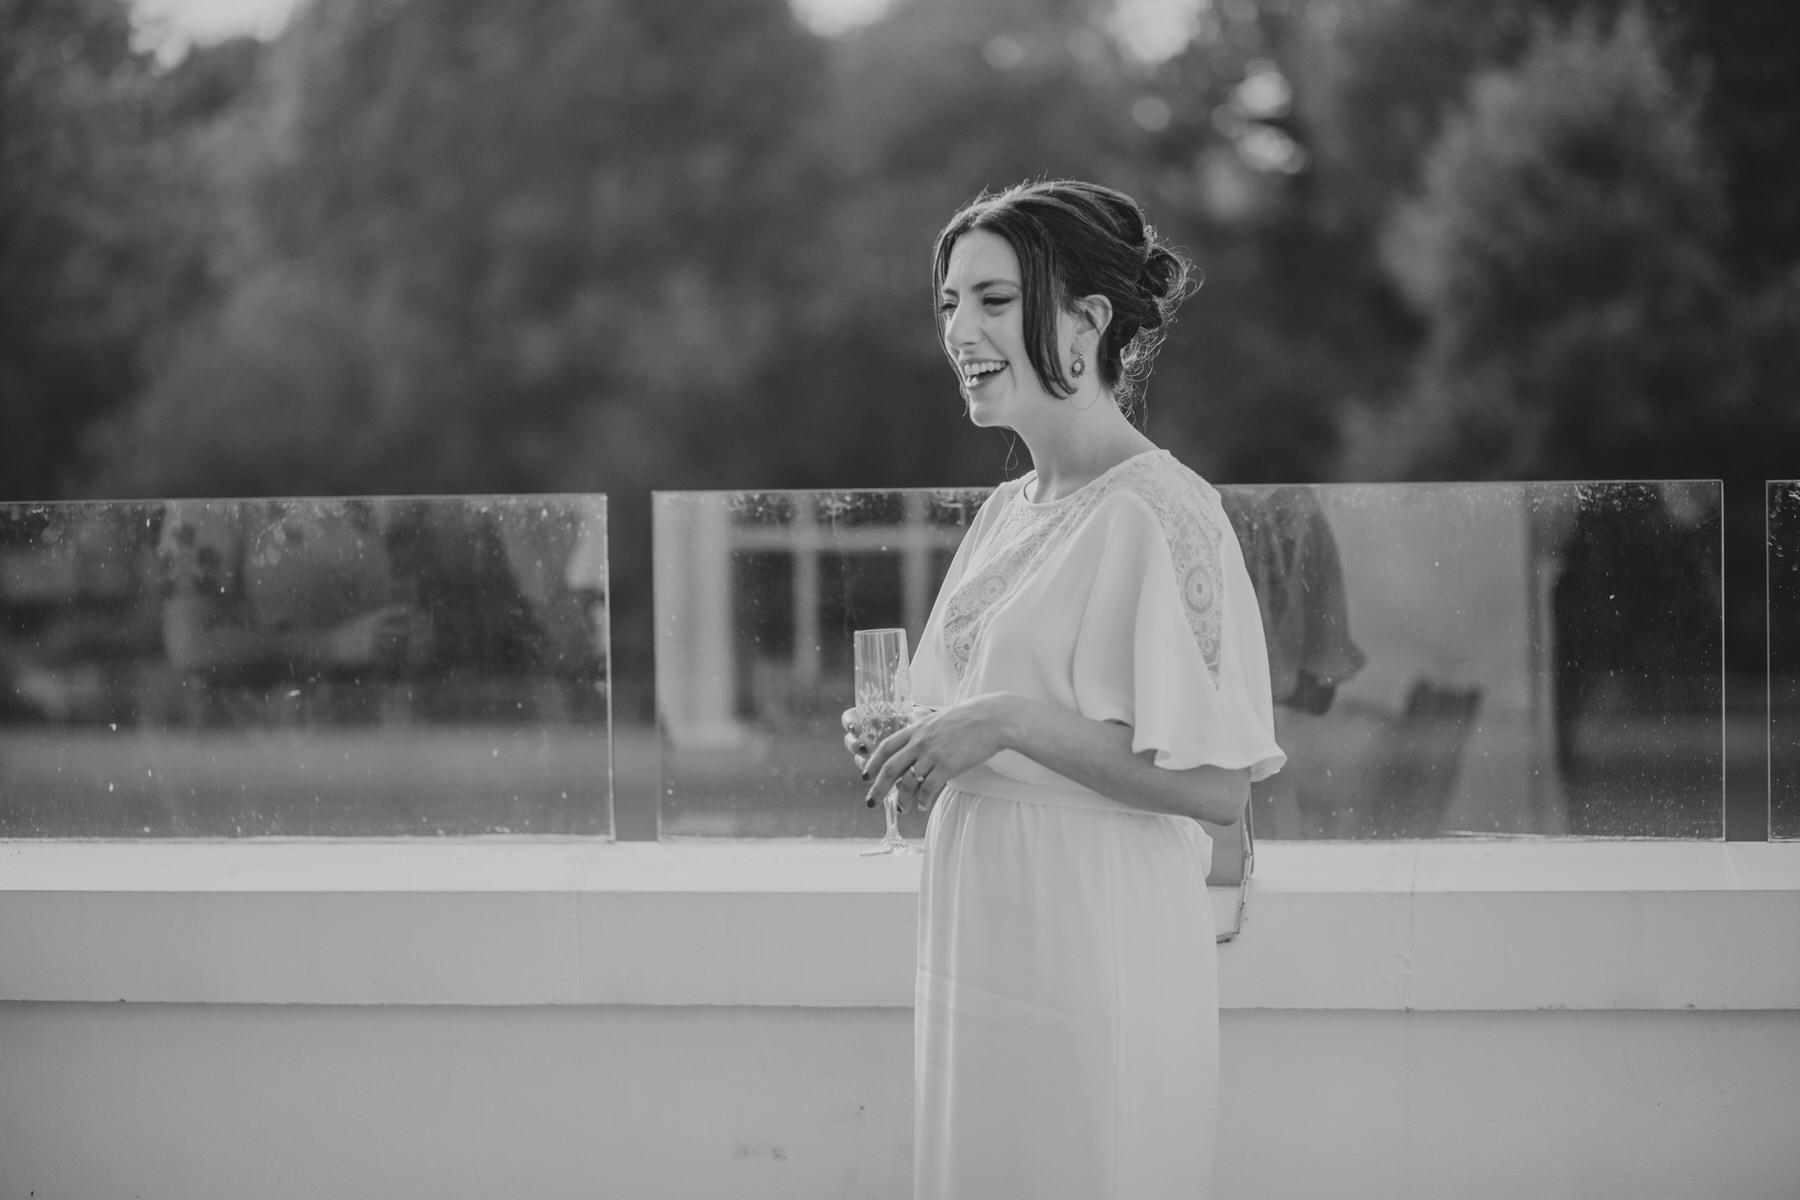 294-Belair House bride groom sunset drinks balcony.jpg